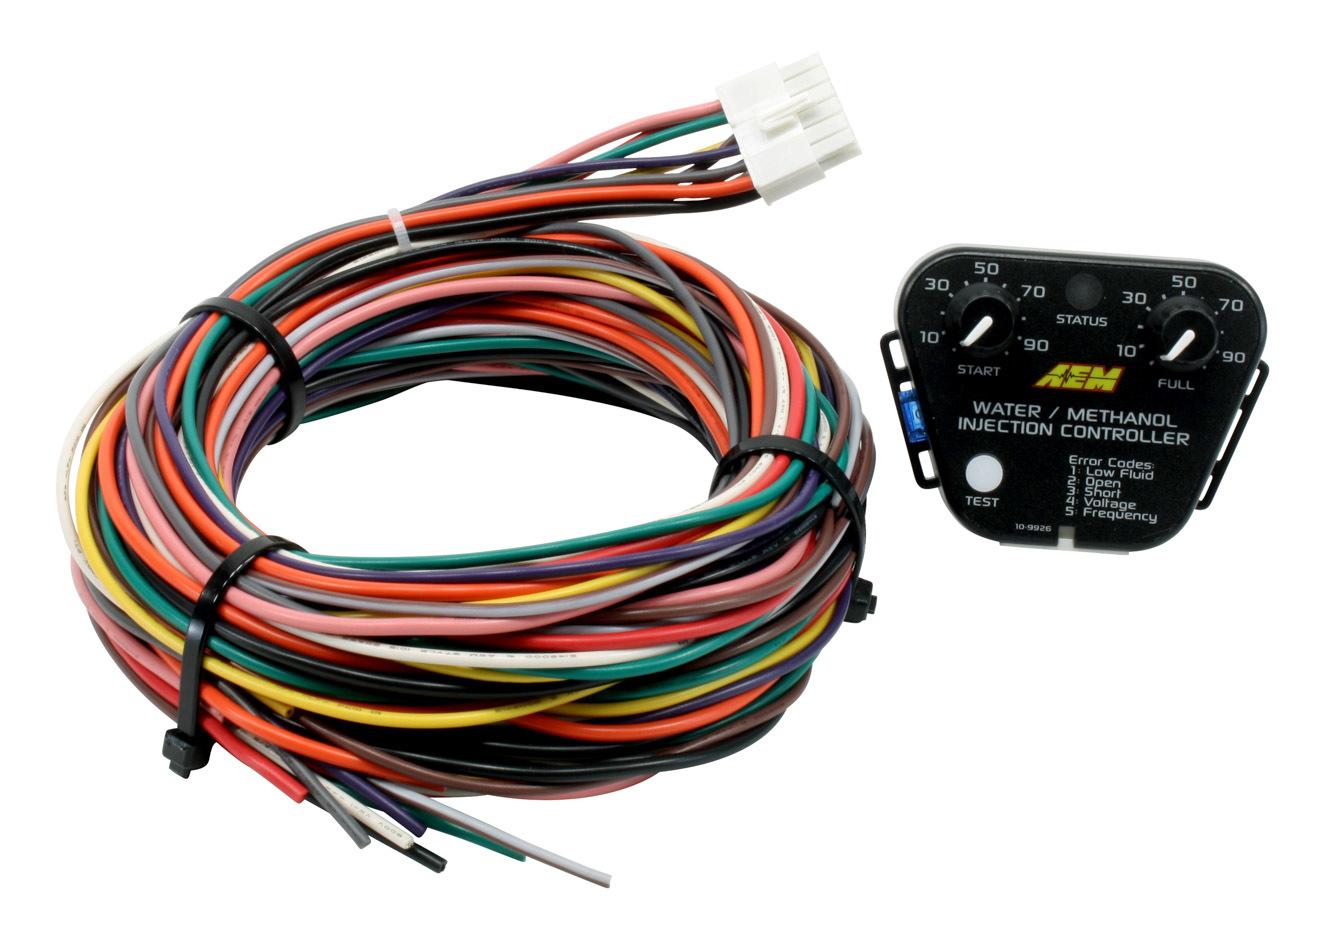 Aem V2 Water/Methanol Multi Input Controller Kit- 0-